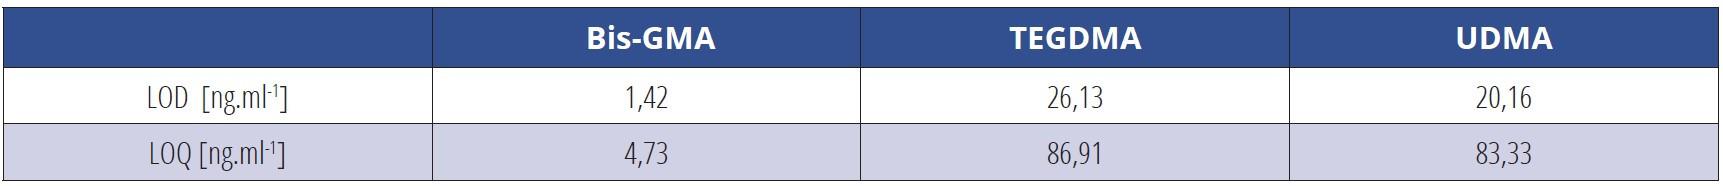 Tab. 3 Hodnoty limitov detekcie (LOD) a limitov kvantifikácie (LOQ) pre stanovenie monomérov v slinách metódou HPLC/UV pri vlnovej dĺžke 227 nm<br> Tab. 3 Detection limit (LOD) and quantification limit (LOQ) values of monomers in saliva by HPLC / UV at 227 nm